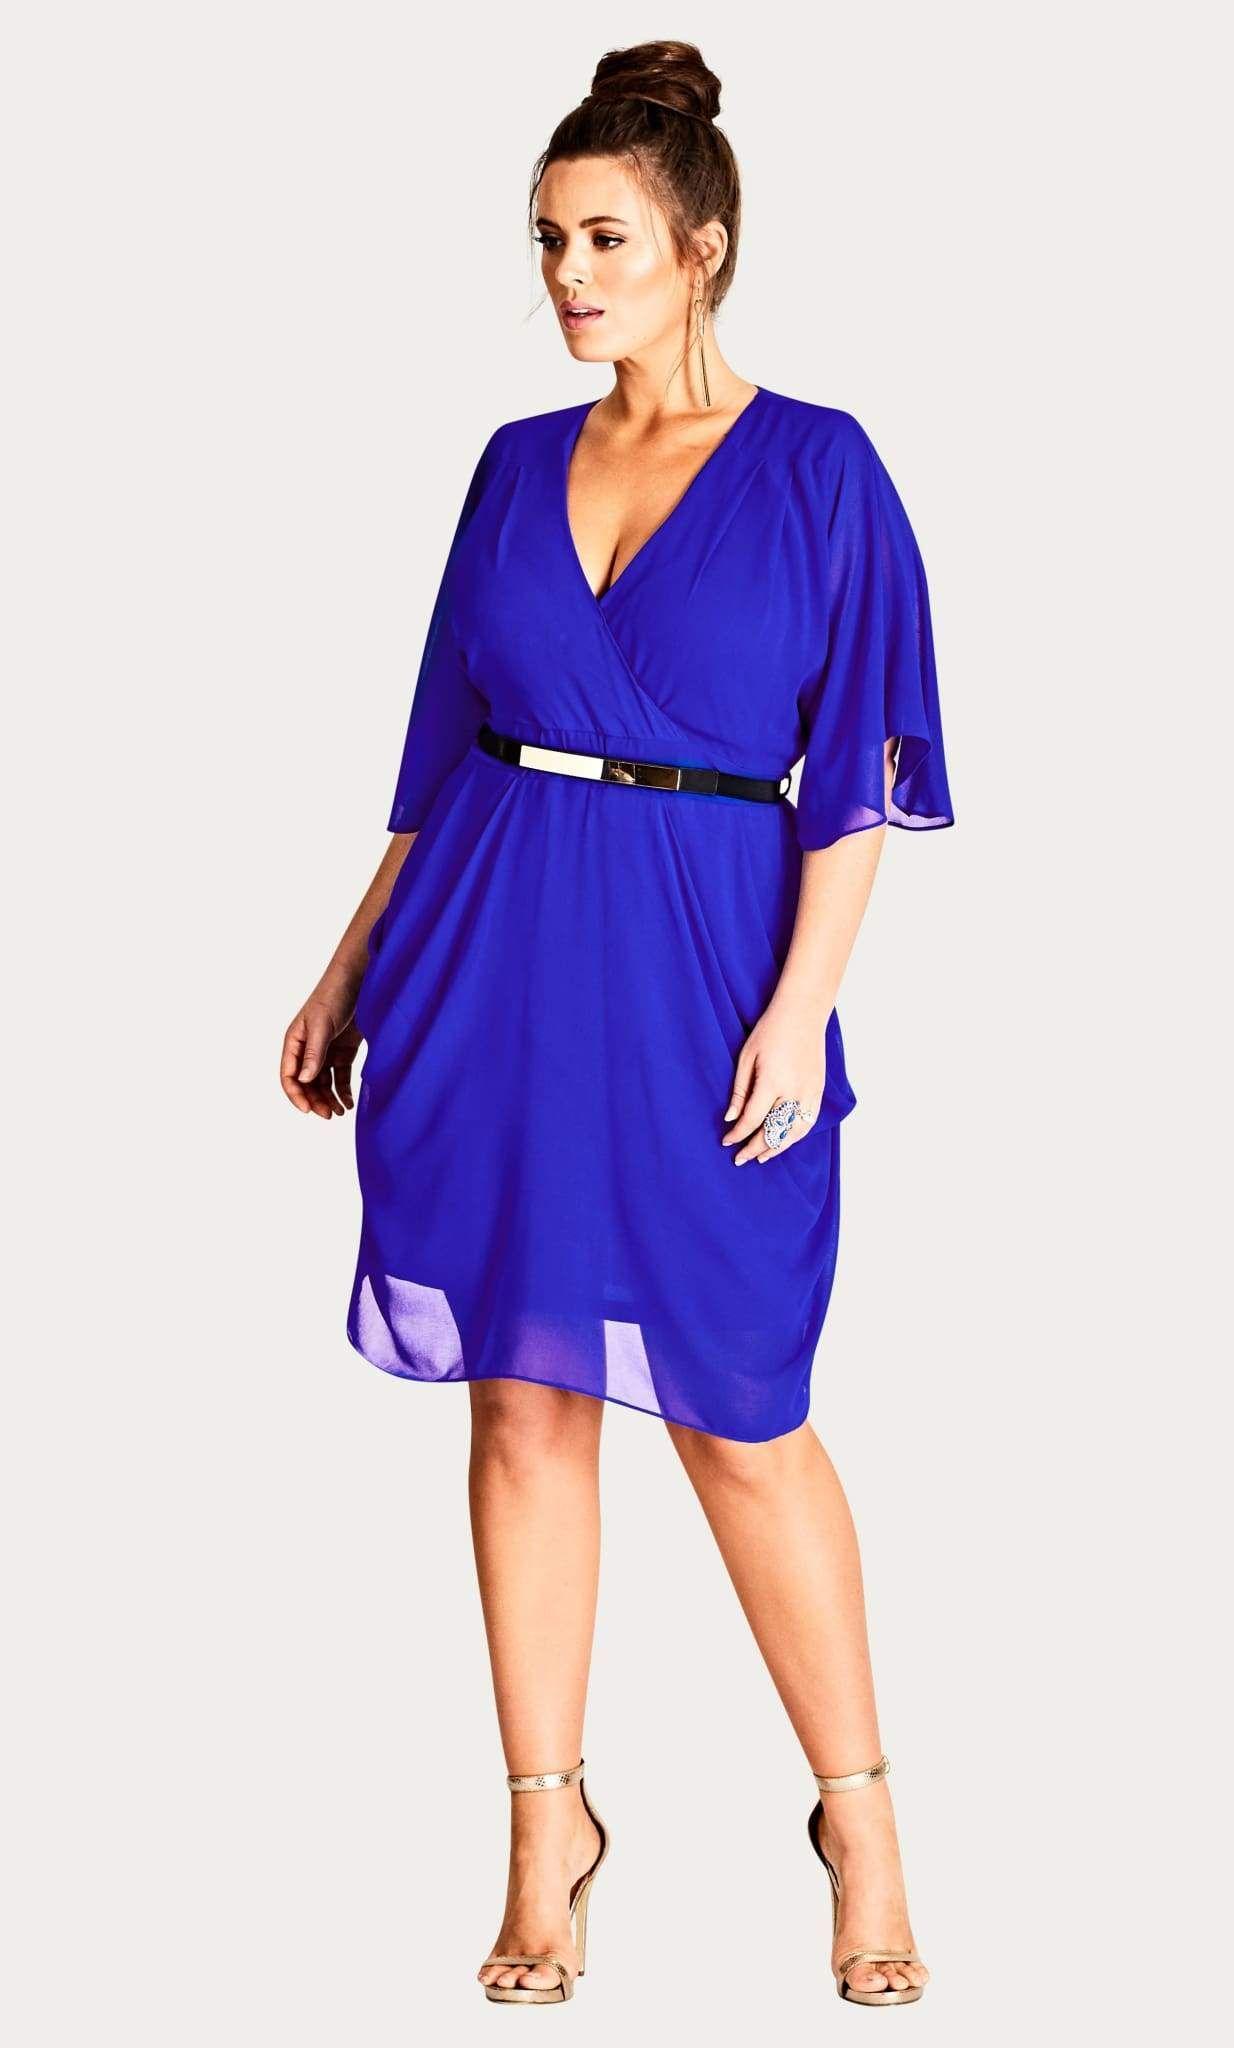 Draped Faux Wrap Dress Cobalt14 Xs In 2021 Plus Size Cocktail Dresses Plus Size Wedding Guest Dresses Wedding Guest Dress Summer [ 2048 x 1234 Pixel ]